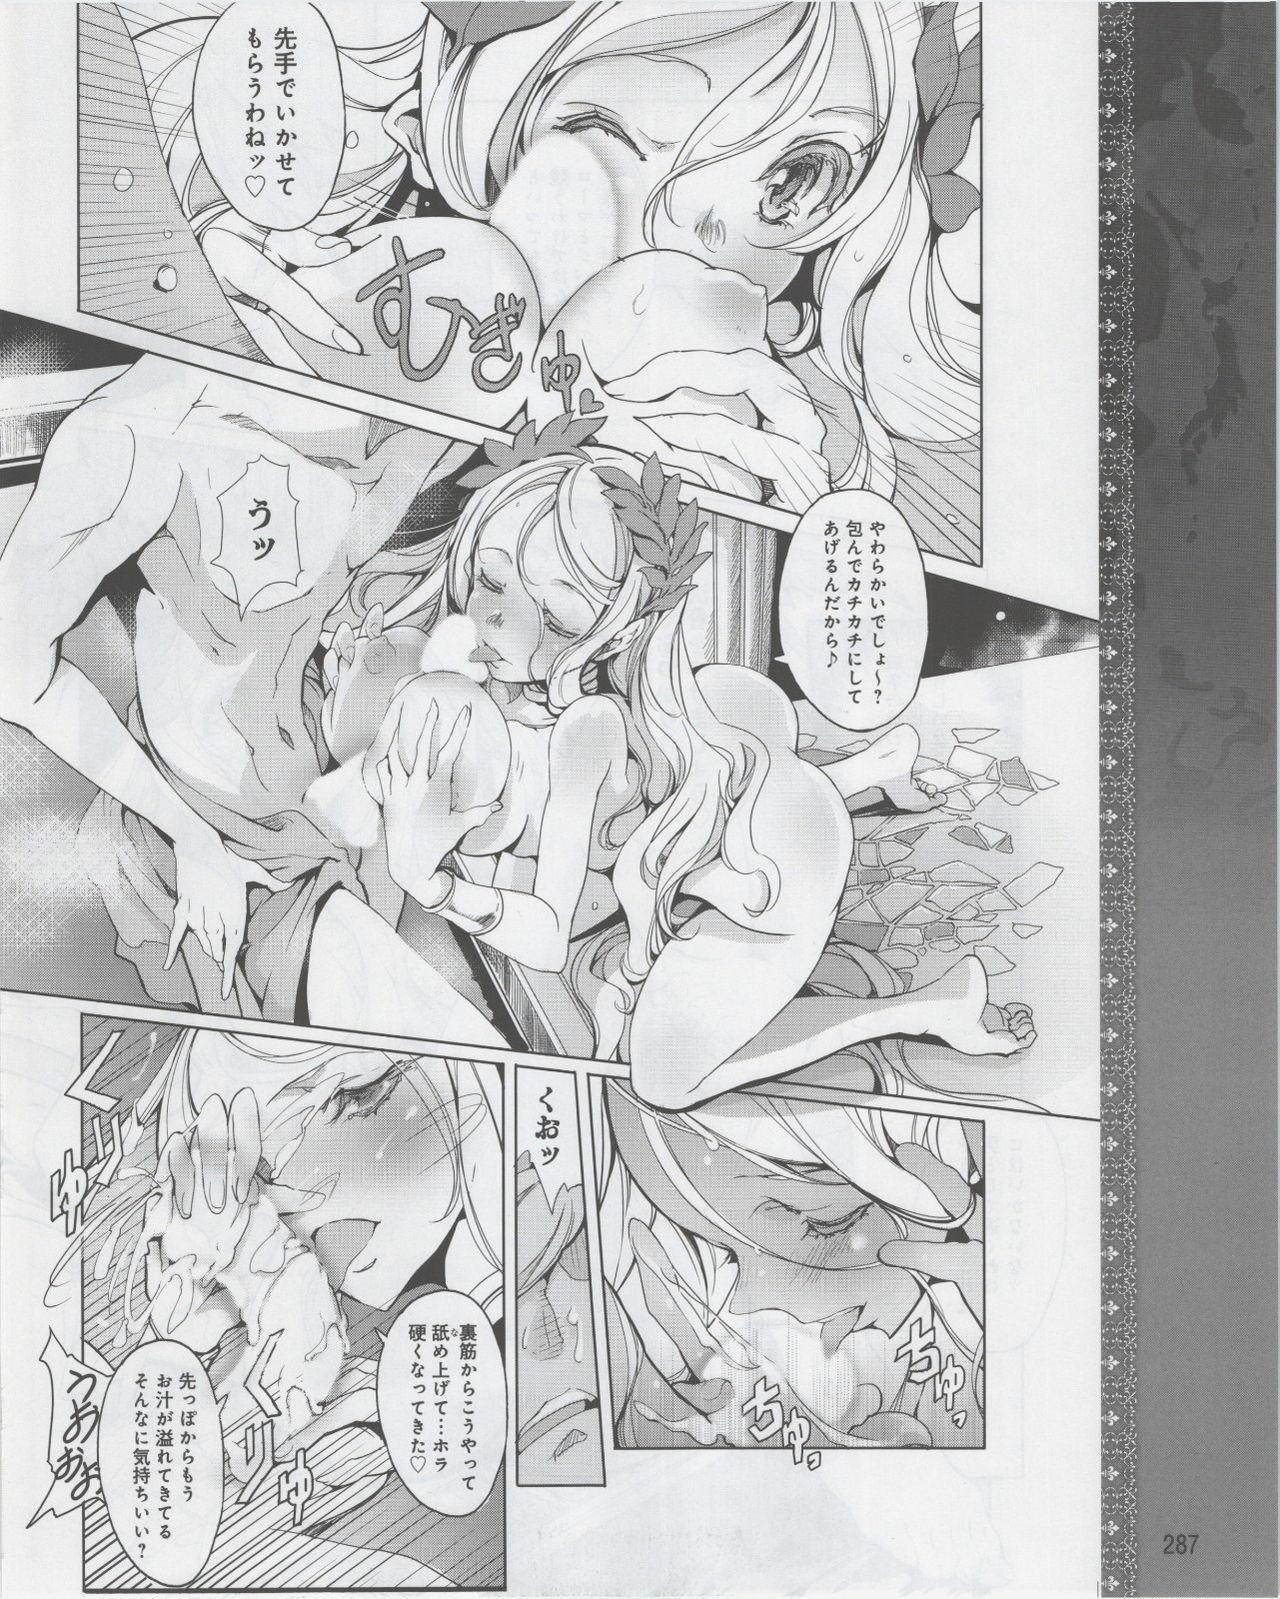 Eiyuu*Senki Vol.01 Ch.05 & Vol.02 Ch.07 38